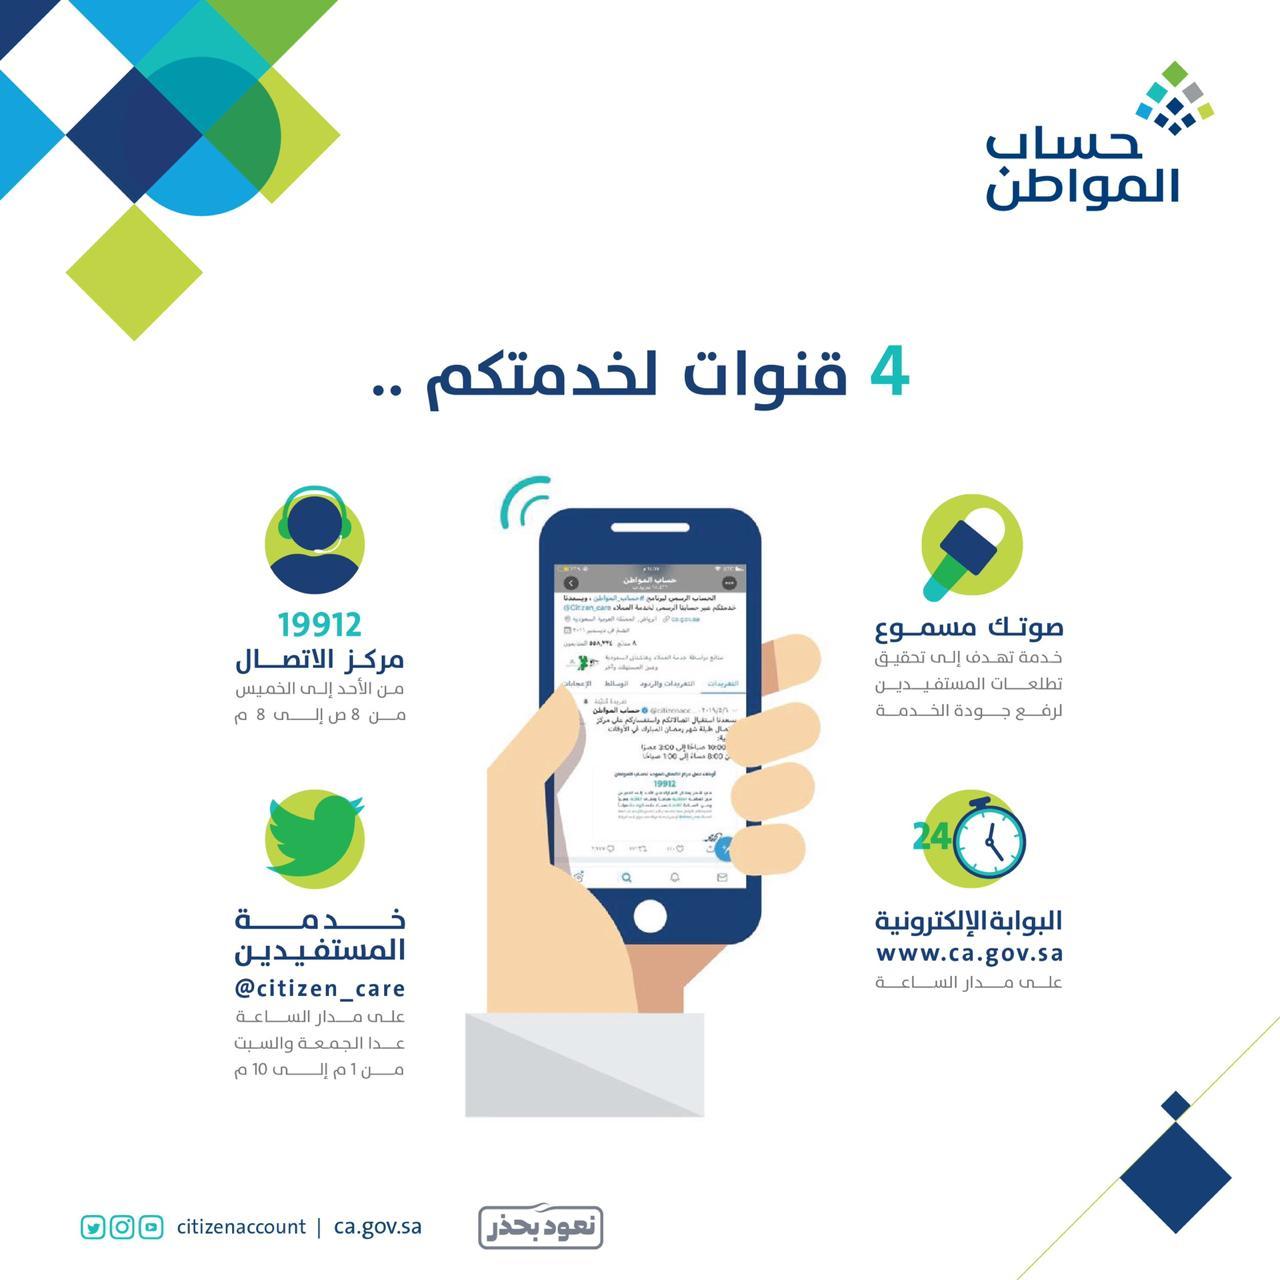 حساب المواطن On Twitter نتشرف بخدمتك تواصل معنا عبر 4 قنوات في